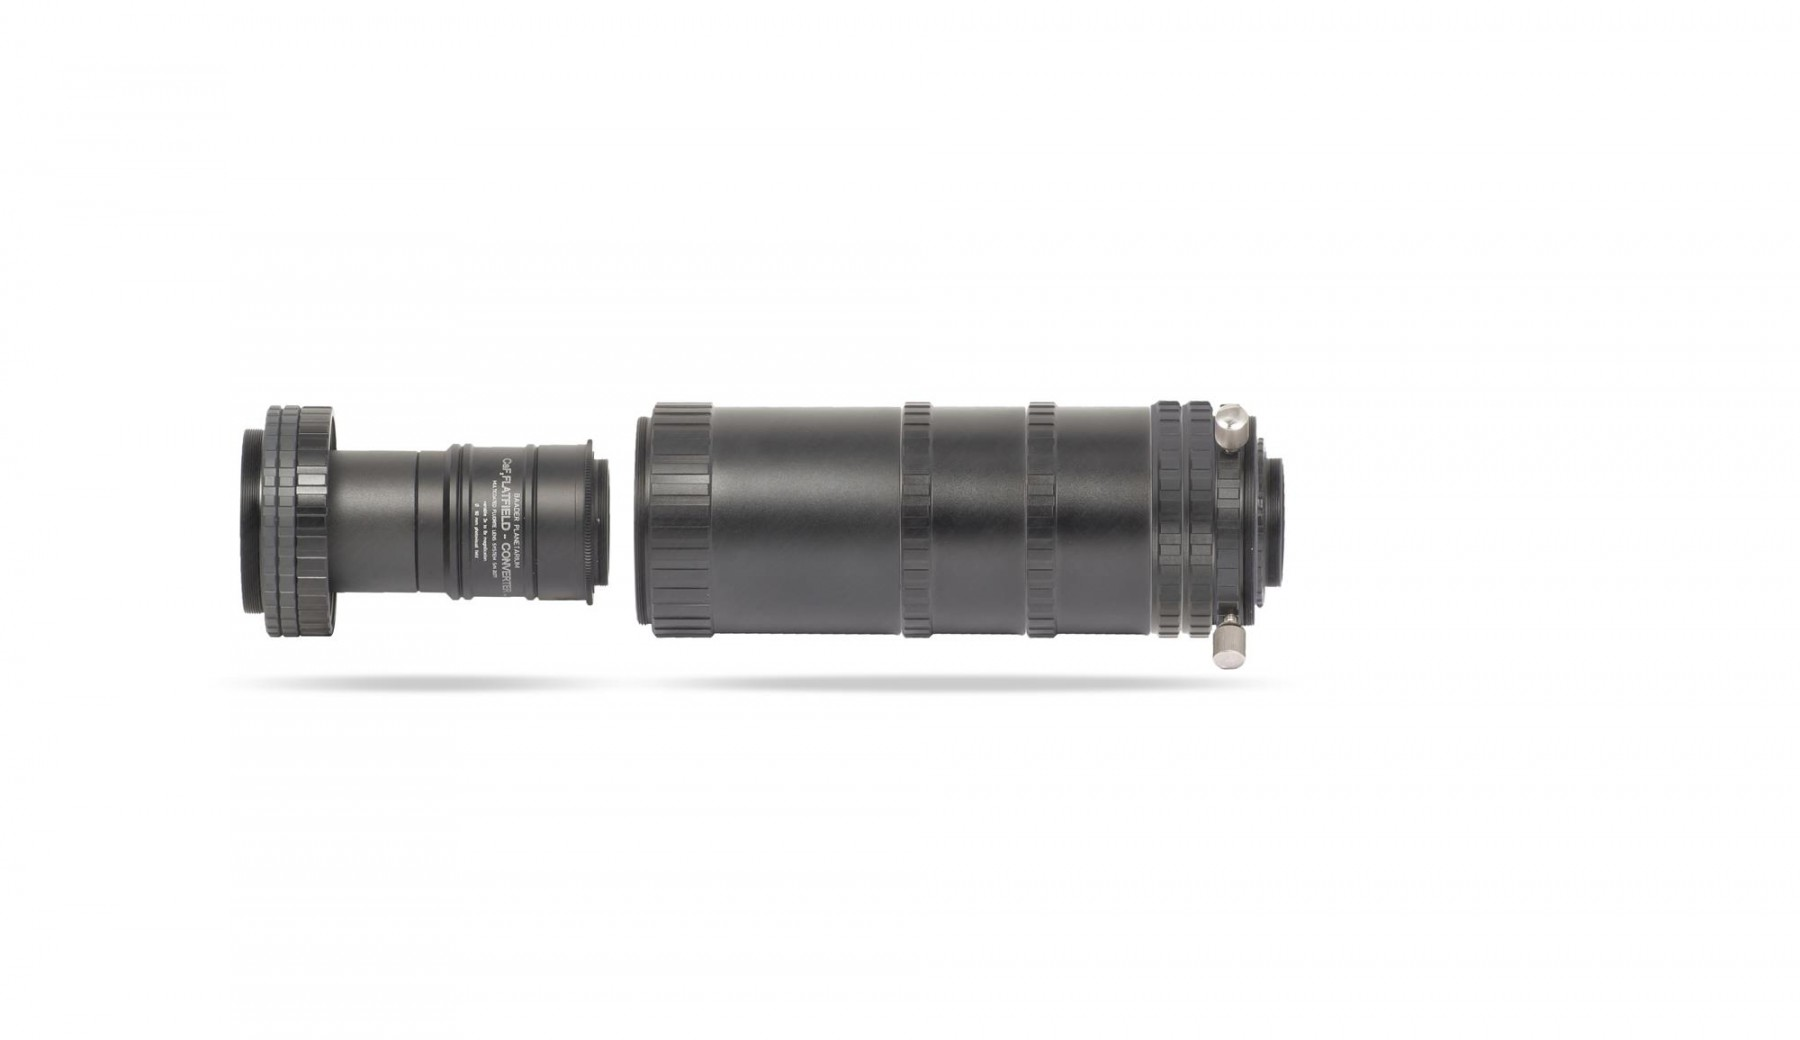 Anwendungsbild: M68 Tele-Kompendium mit FFC Fluorit Flatfield Converter